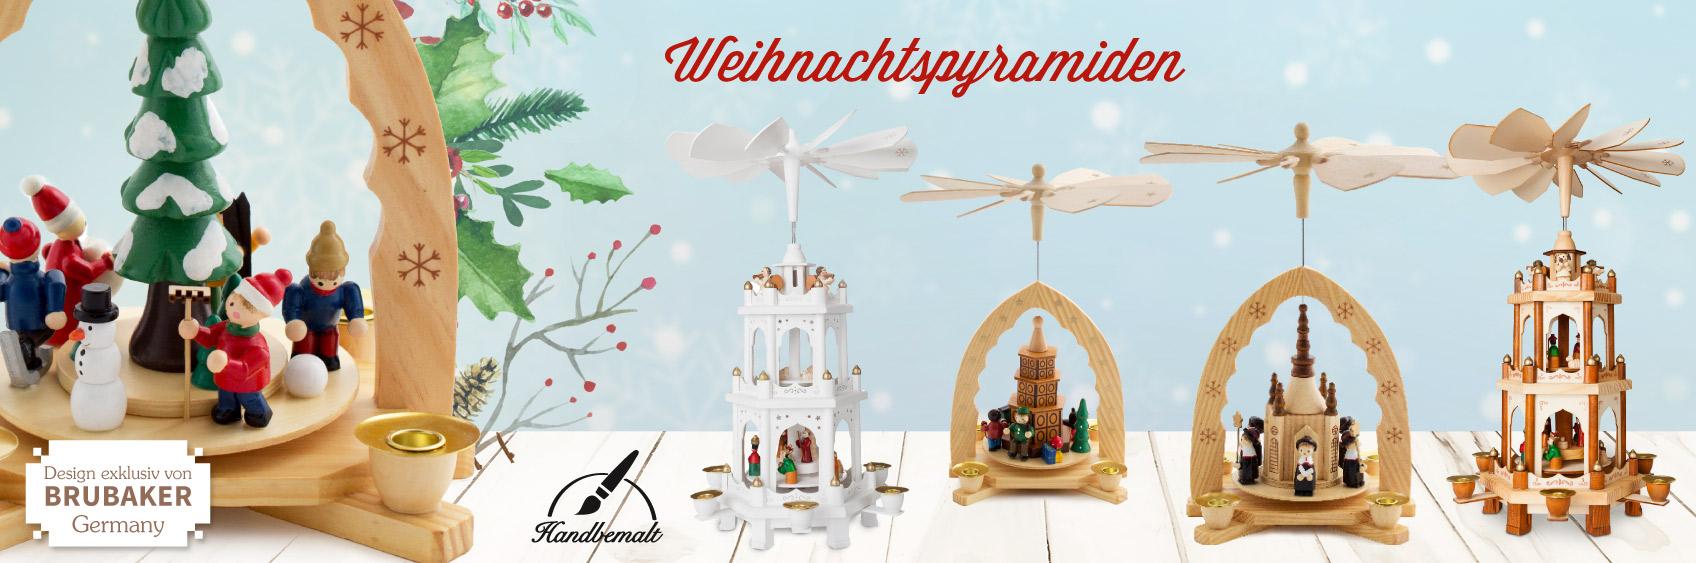 1_Weihnachtspyramiden_1696x563jpg